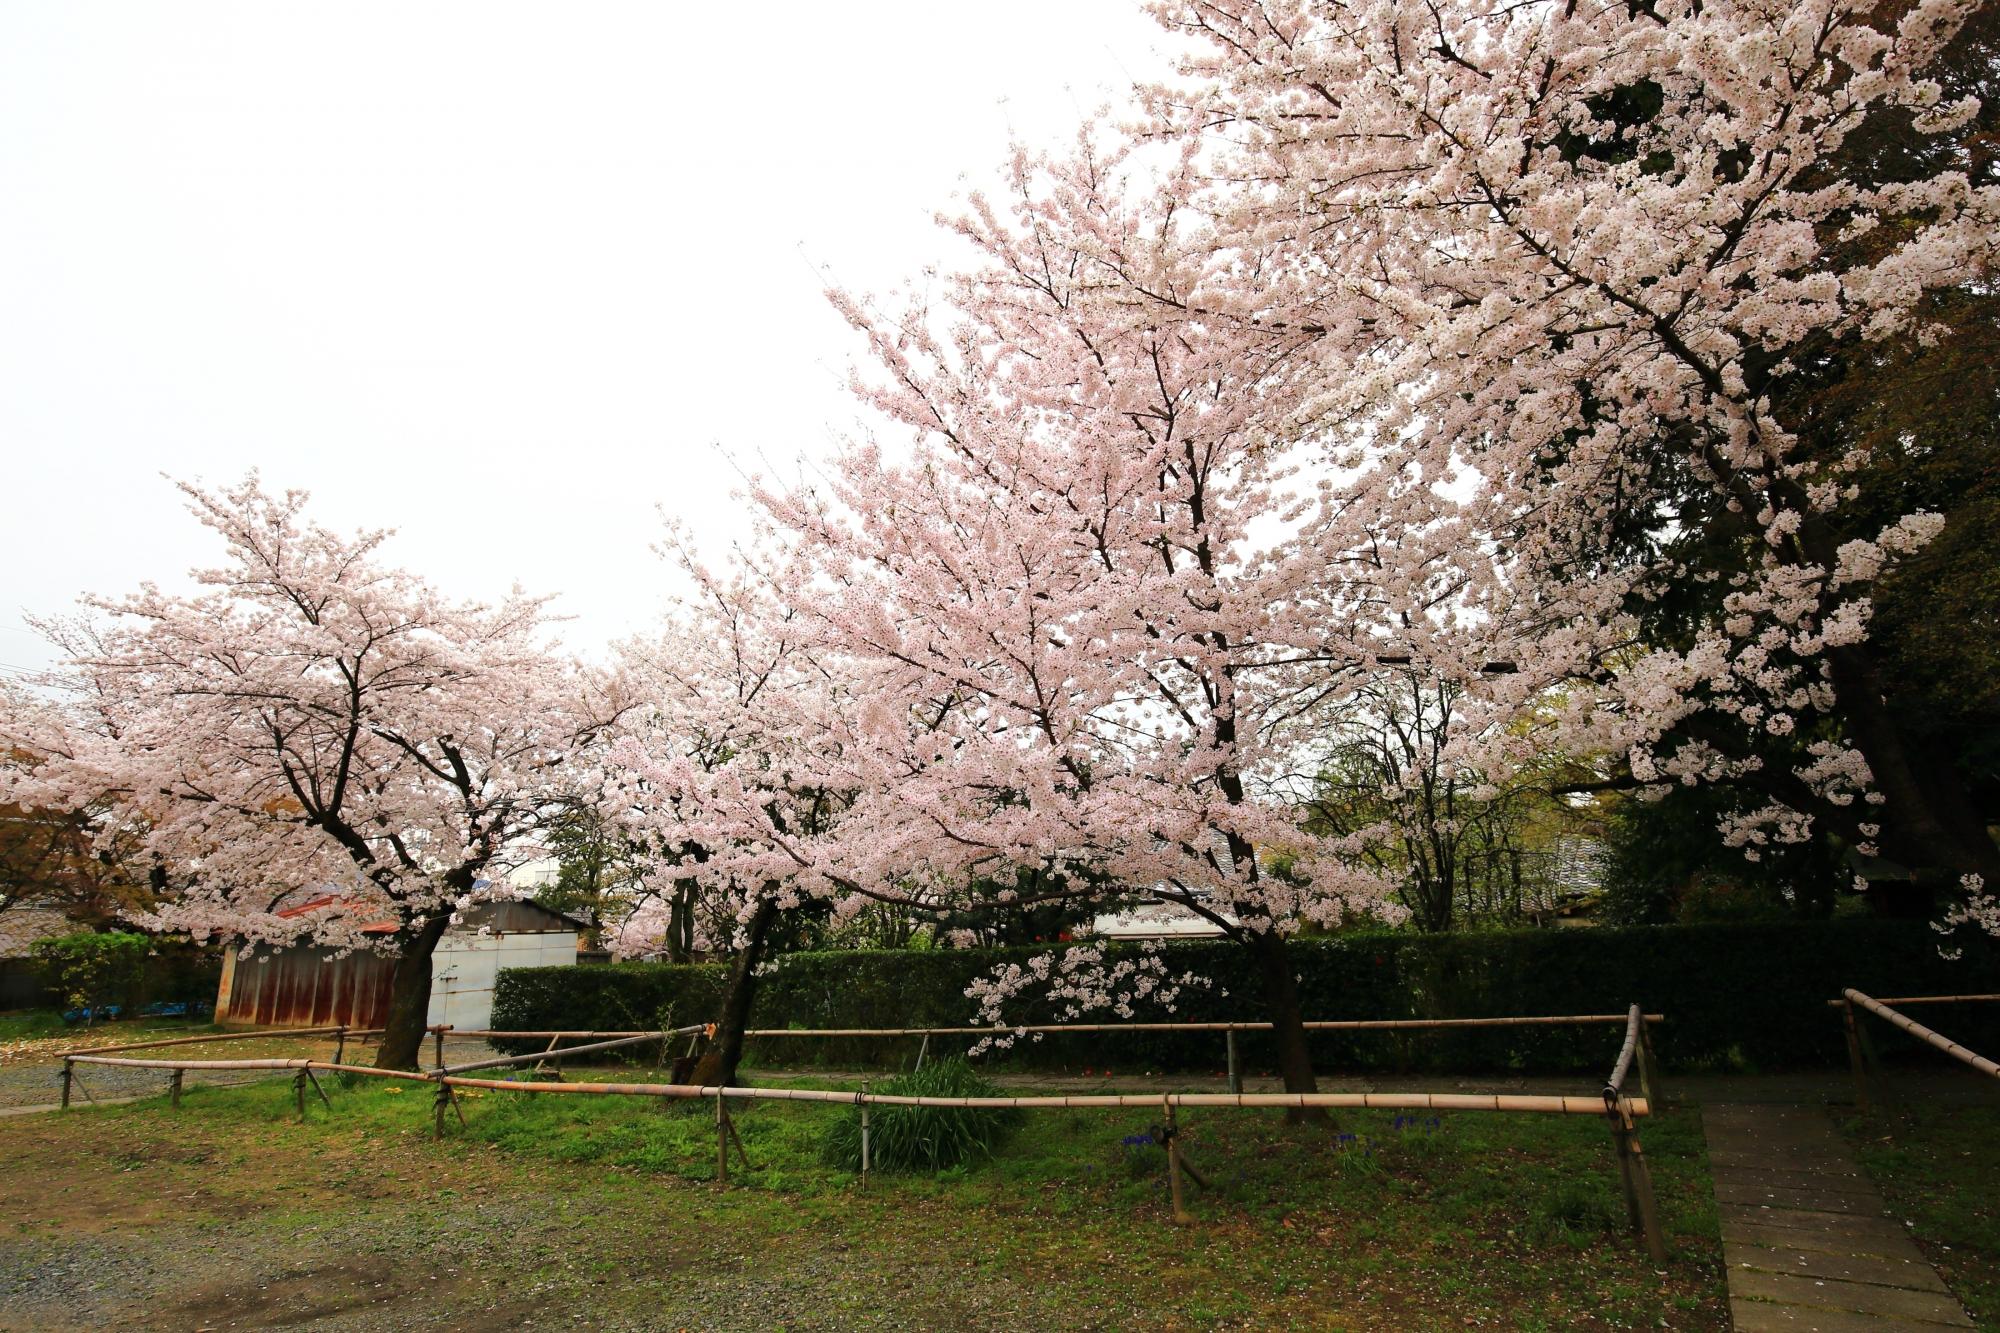 溢れんばかりに咲き誇る桜